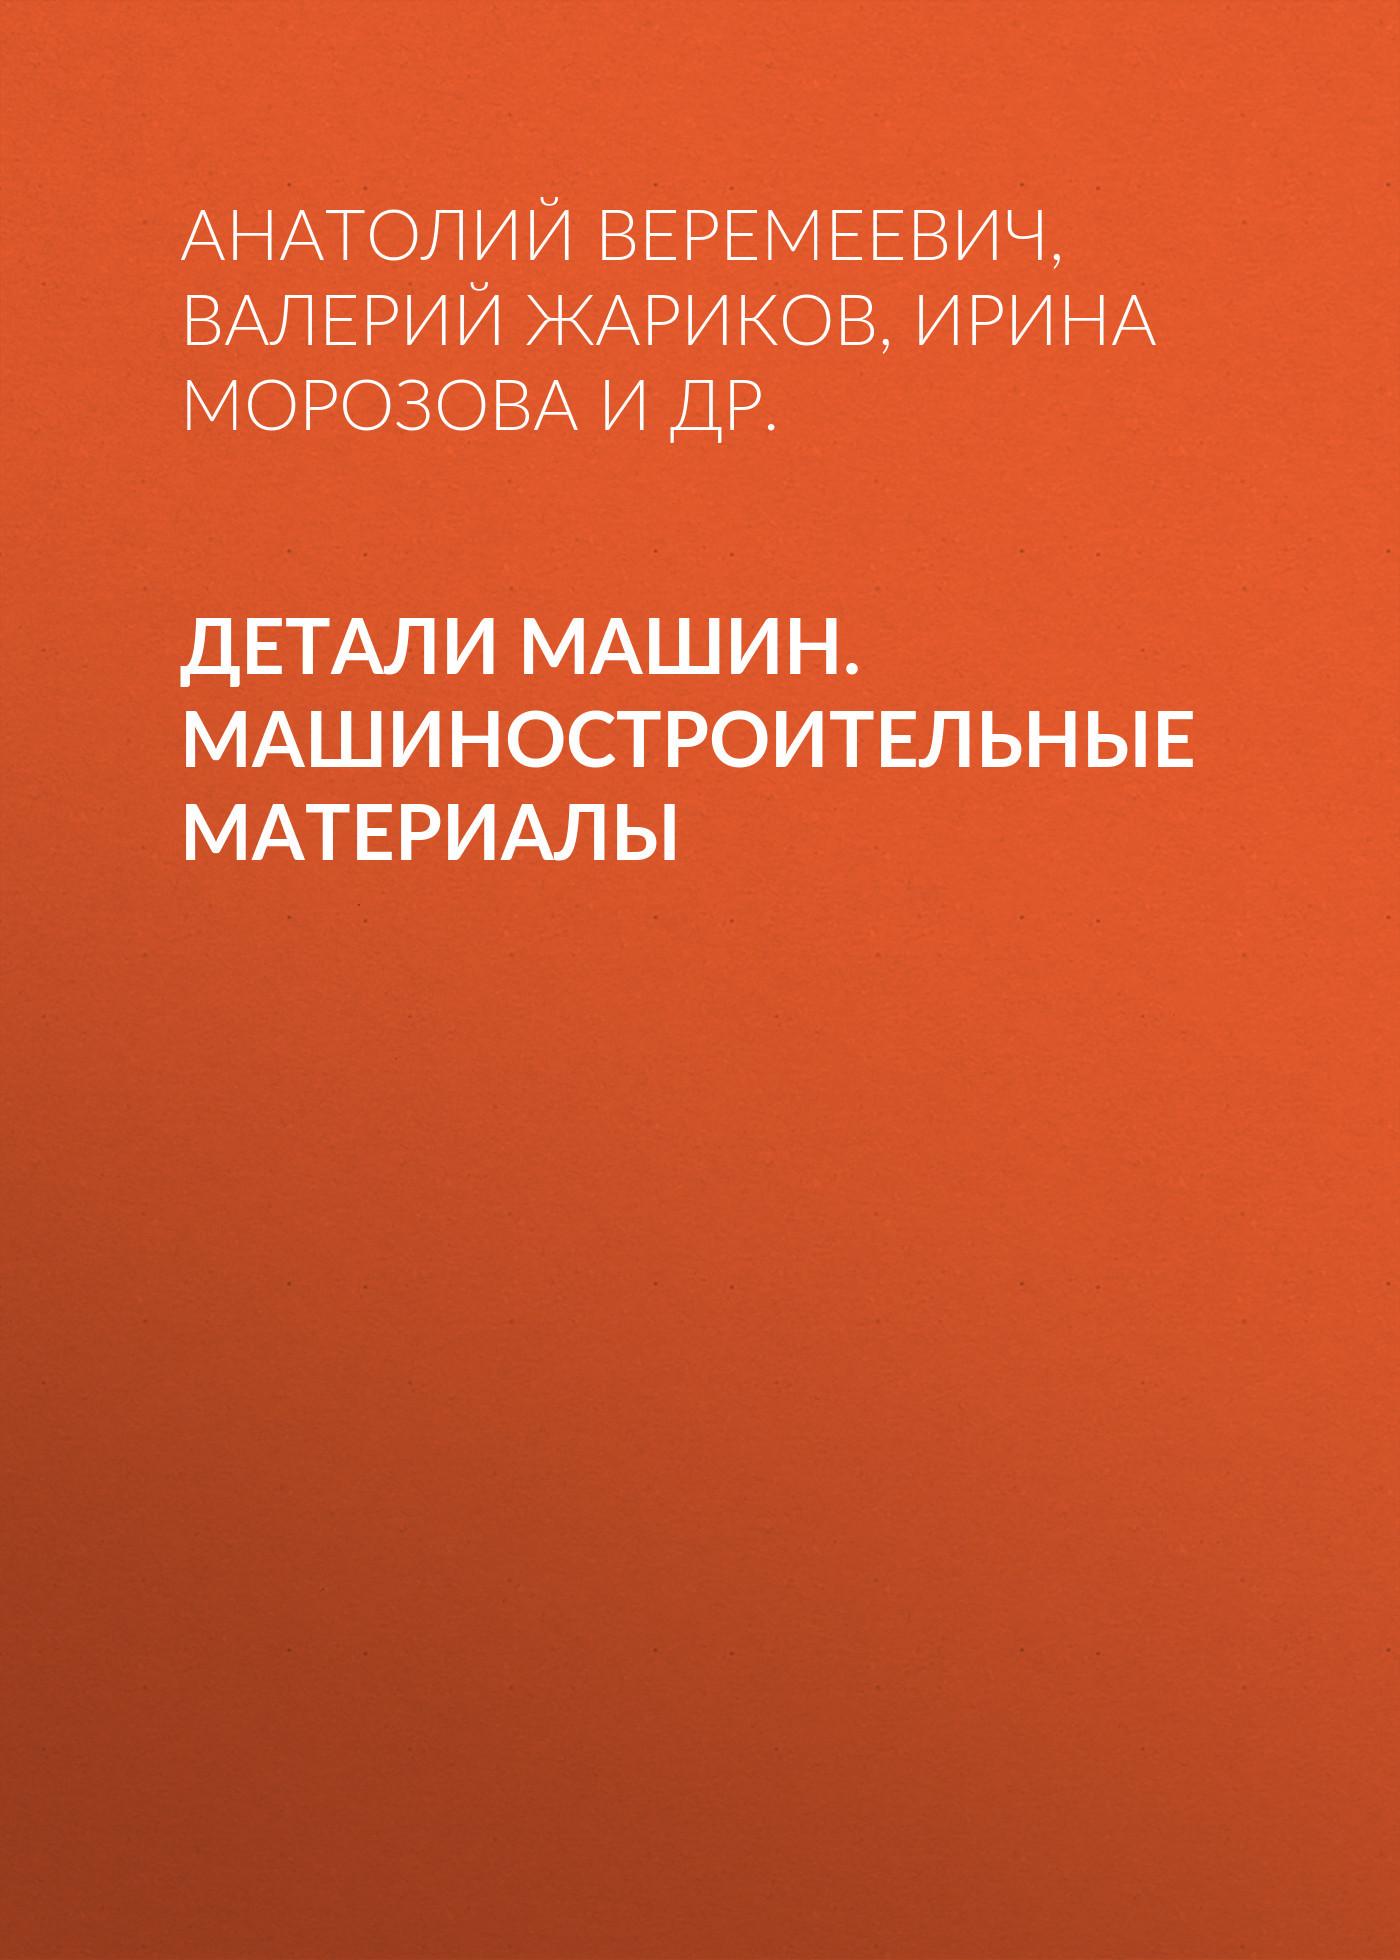 Анатолий Веремеевич Детали машин. Машиностроительные материалы